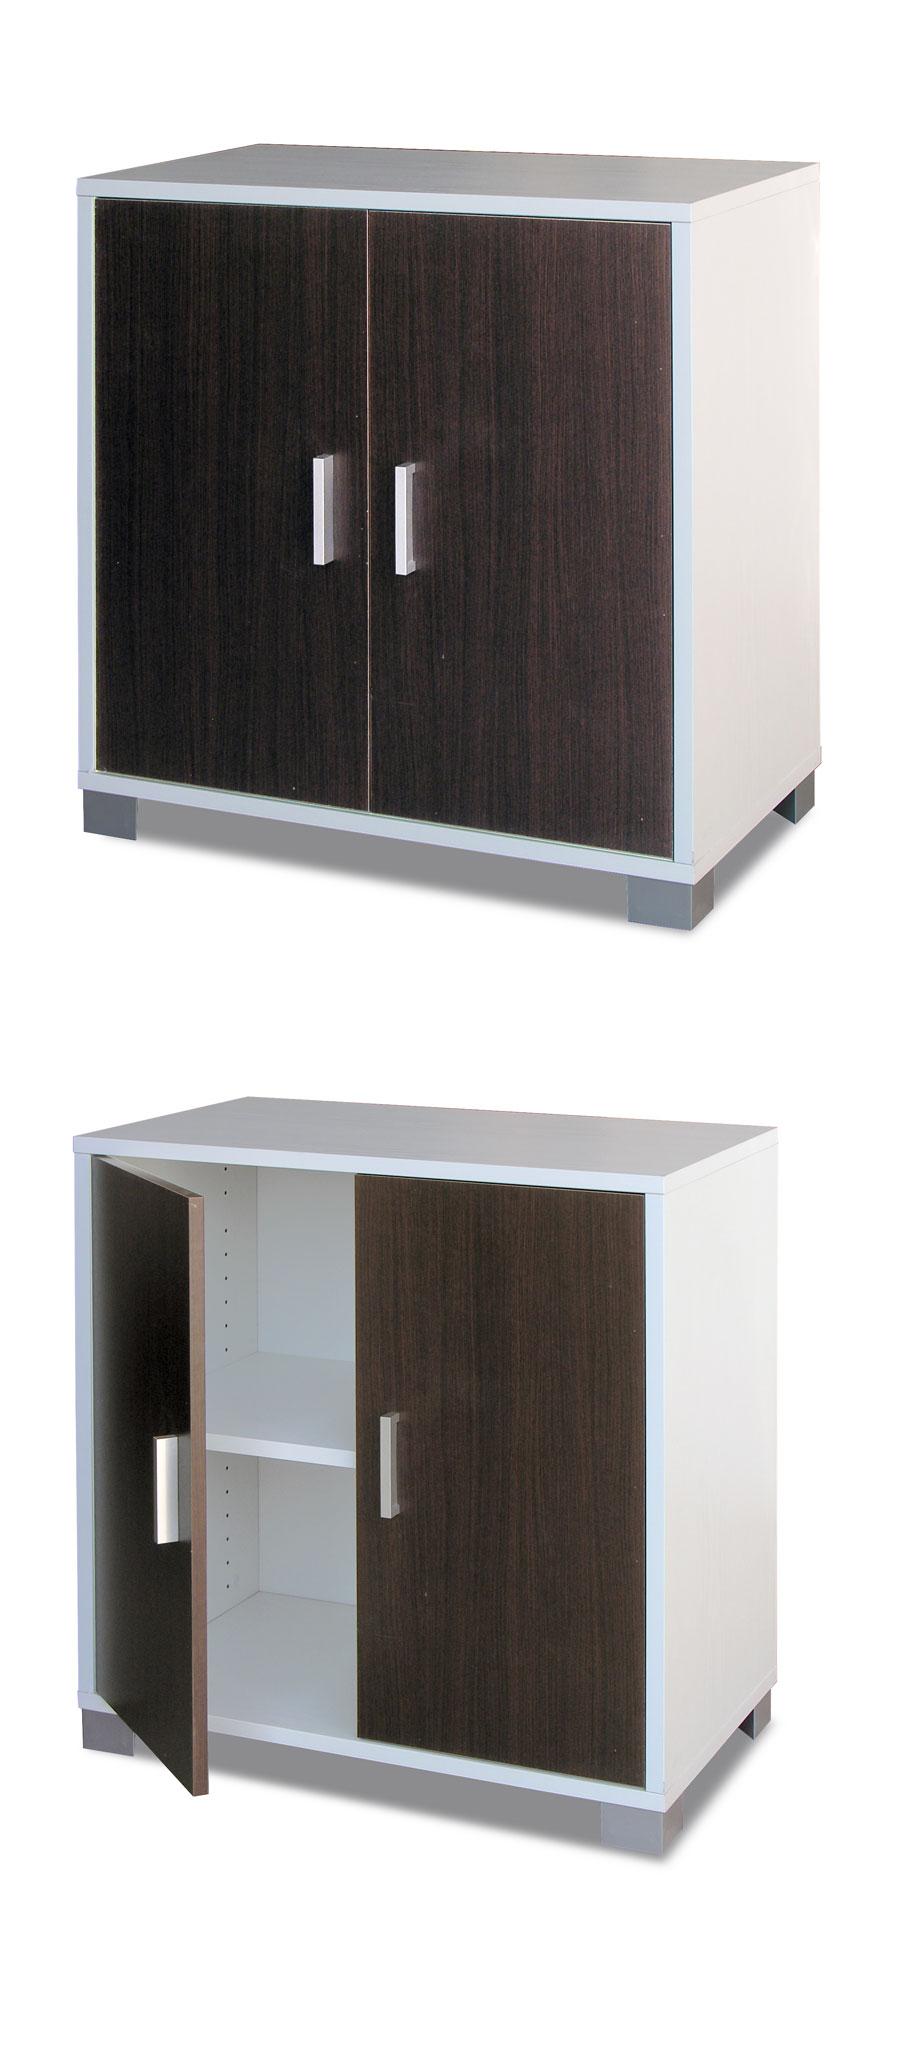 Mobile basso in legno design con 2 ante arredare moderno for Mobile basso design